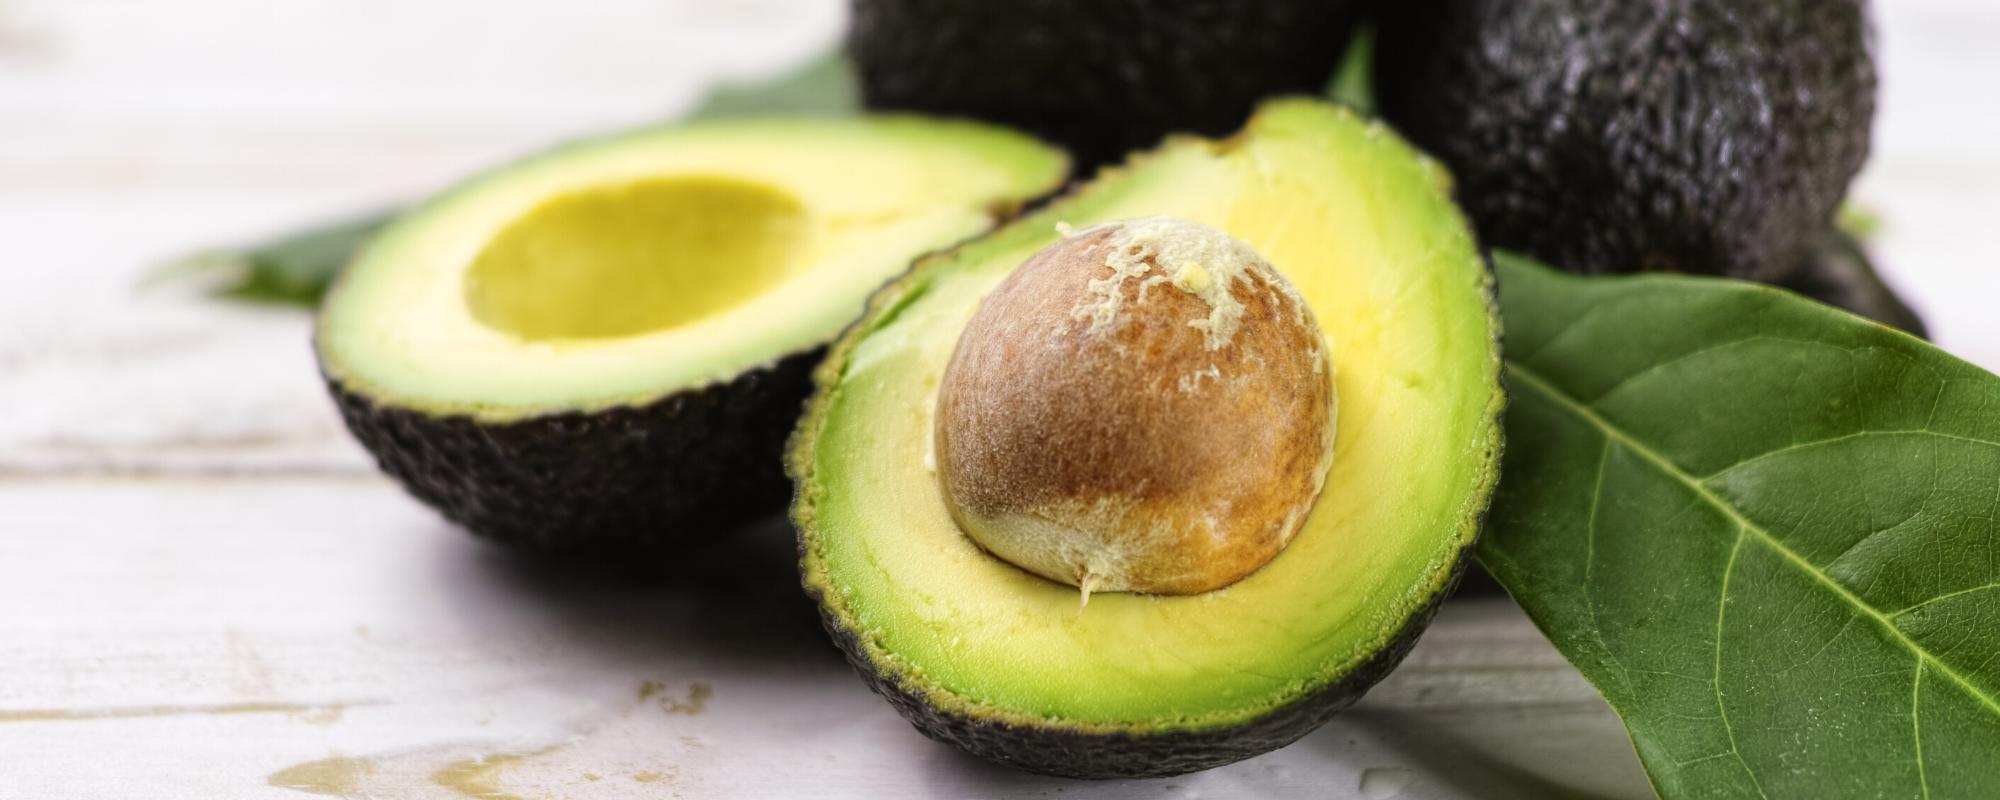 A nyolc legjobb élelmiszer ízületi gyulladás esetén